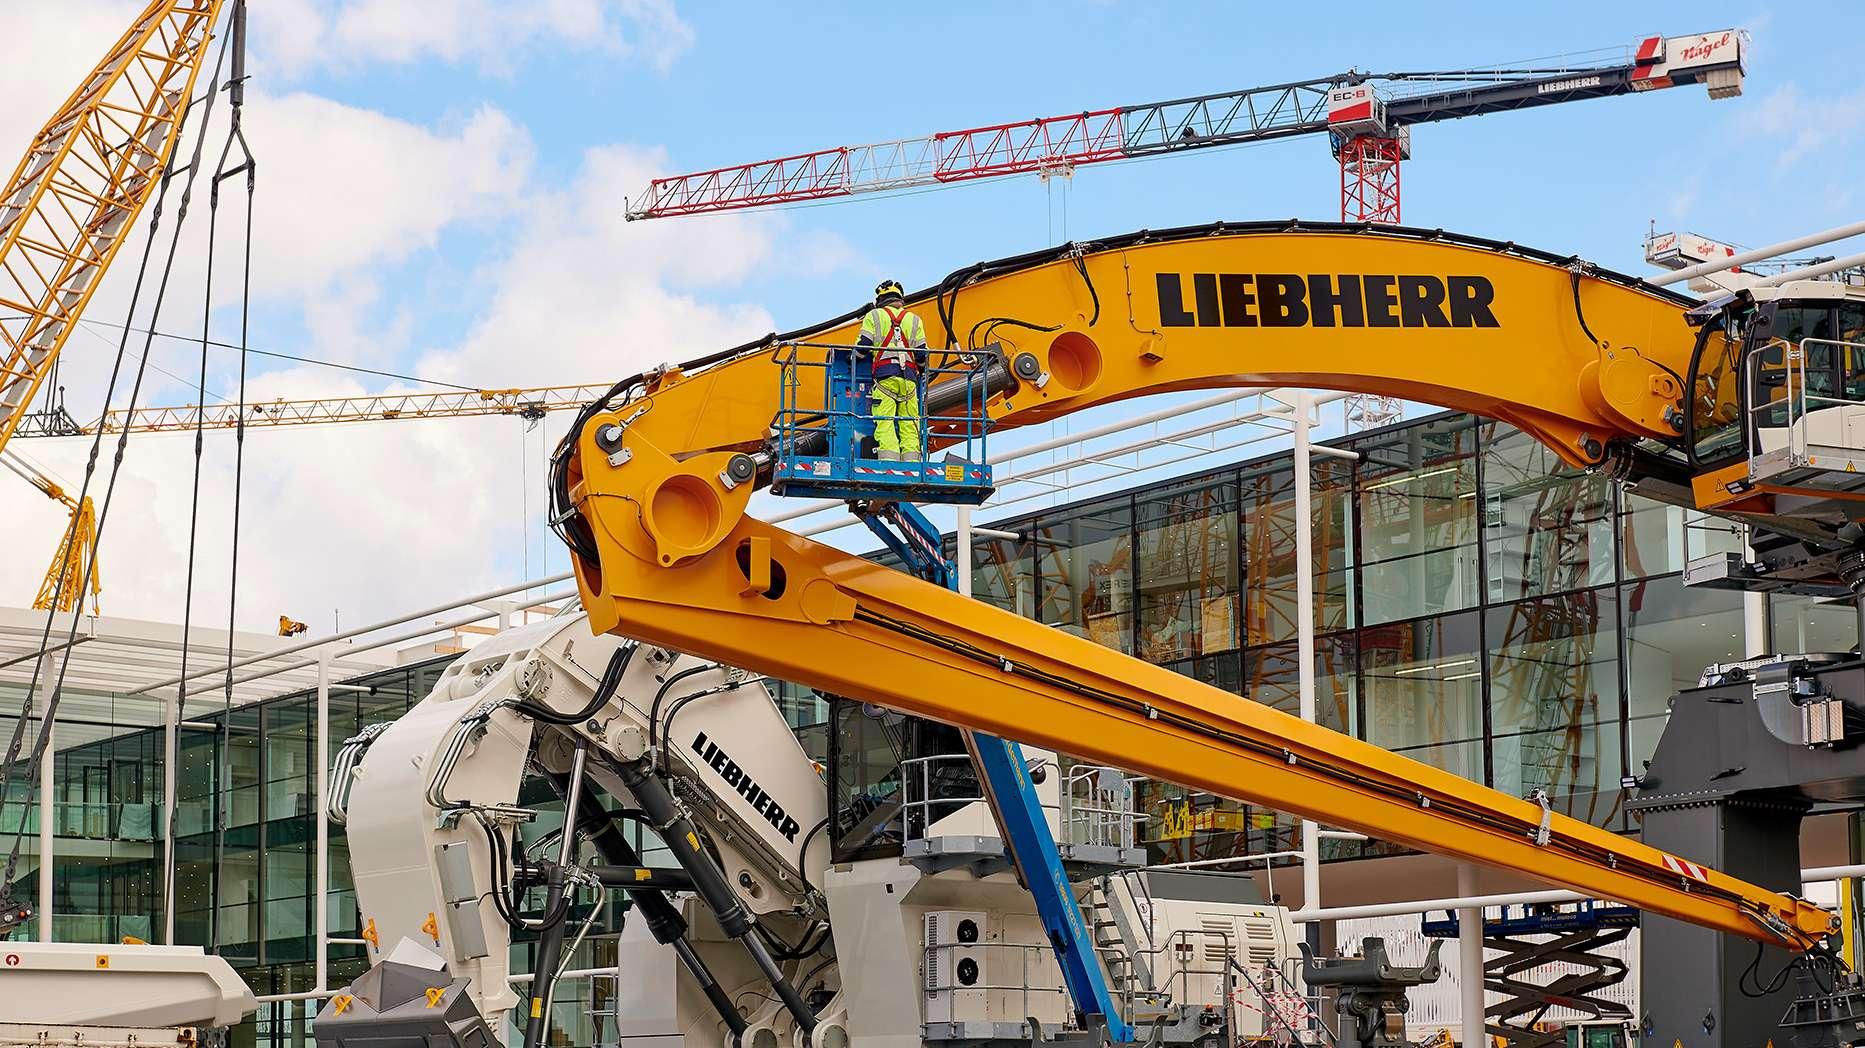 Der Aufbau der Aussteller auf der Messe München hat monatelang gedauert. So hat Liebherr schon im November 2018 angefangen.